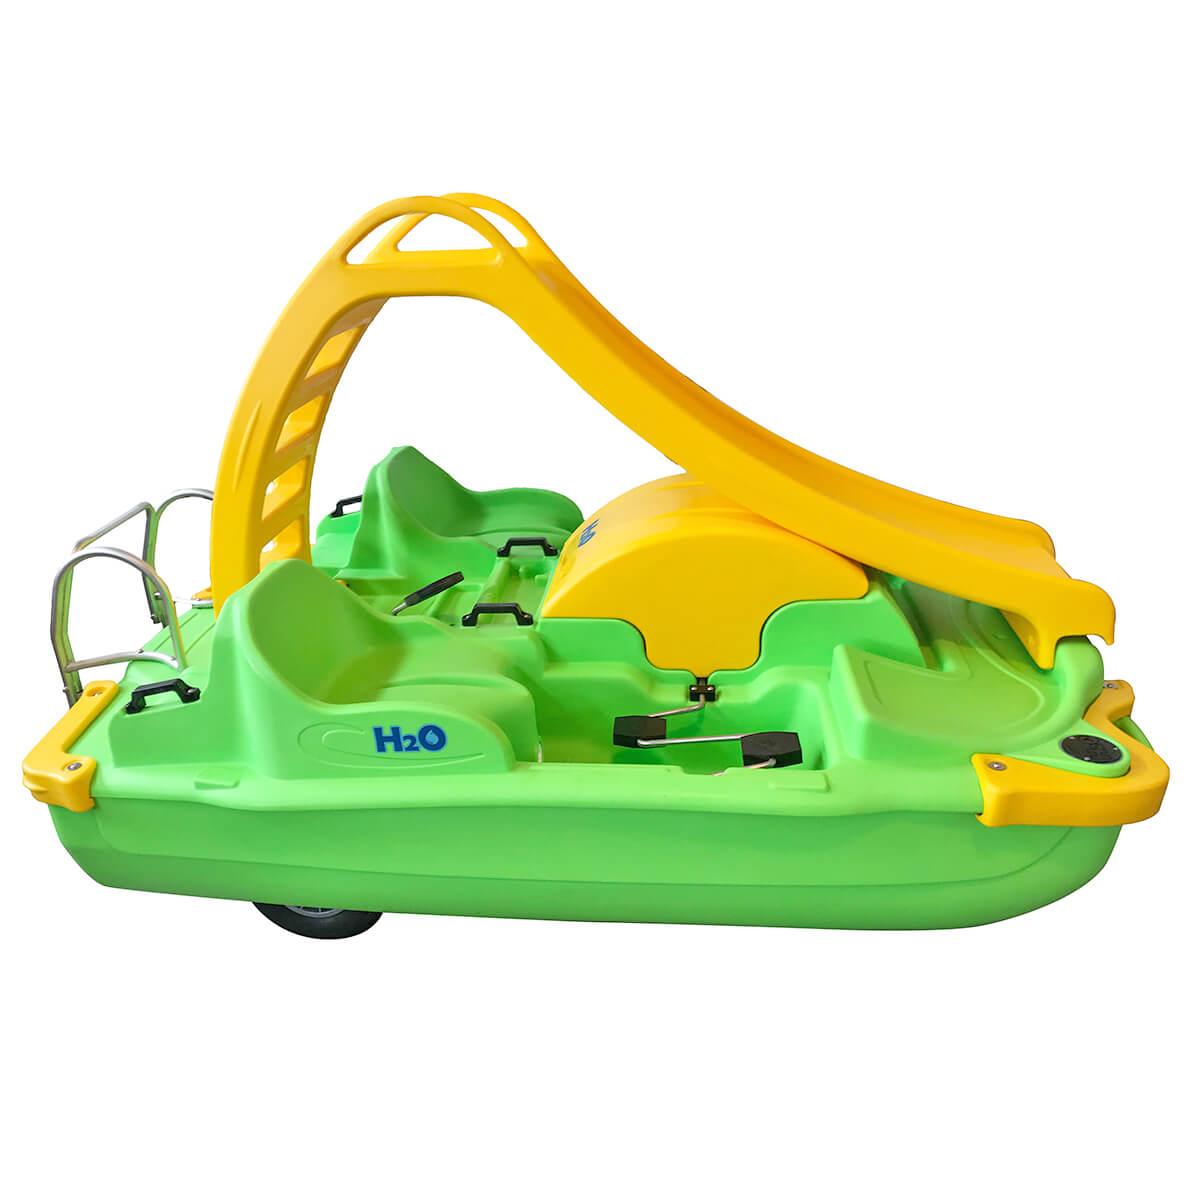 ho pedalo verde giallo per coppia con scivolo eurotank